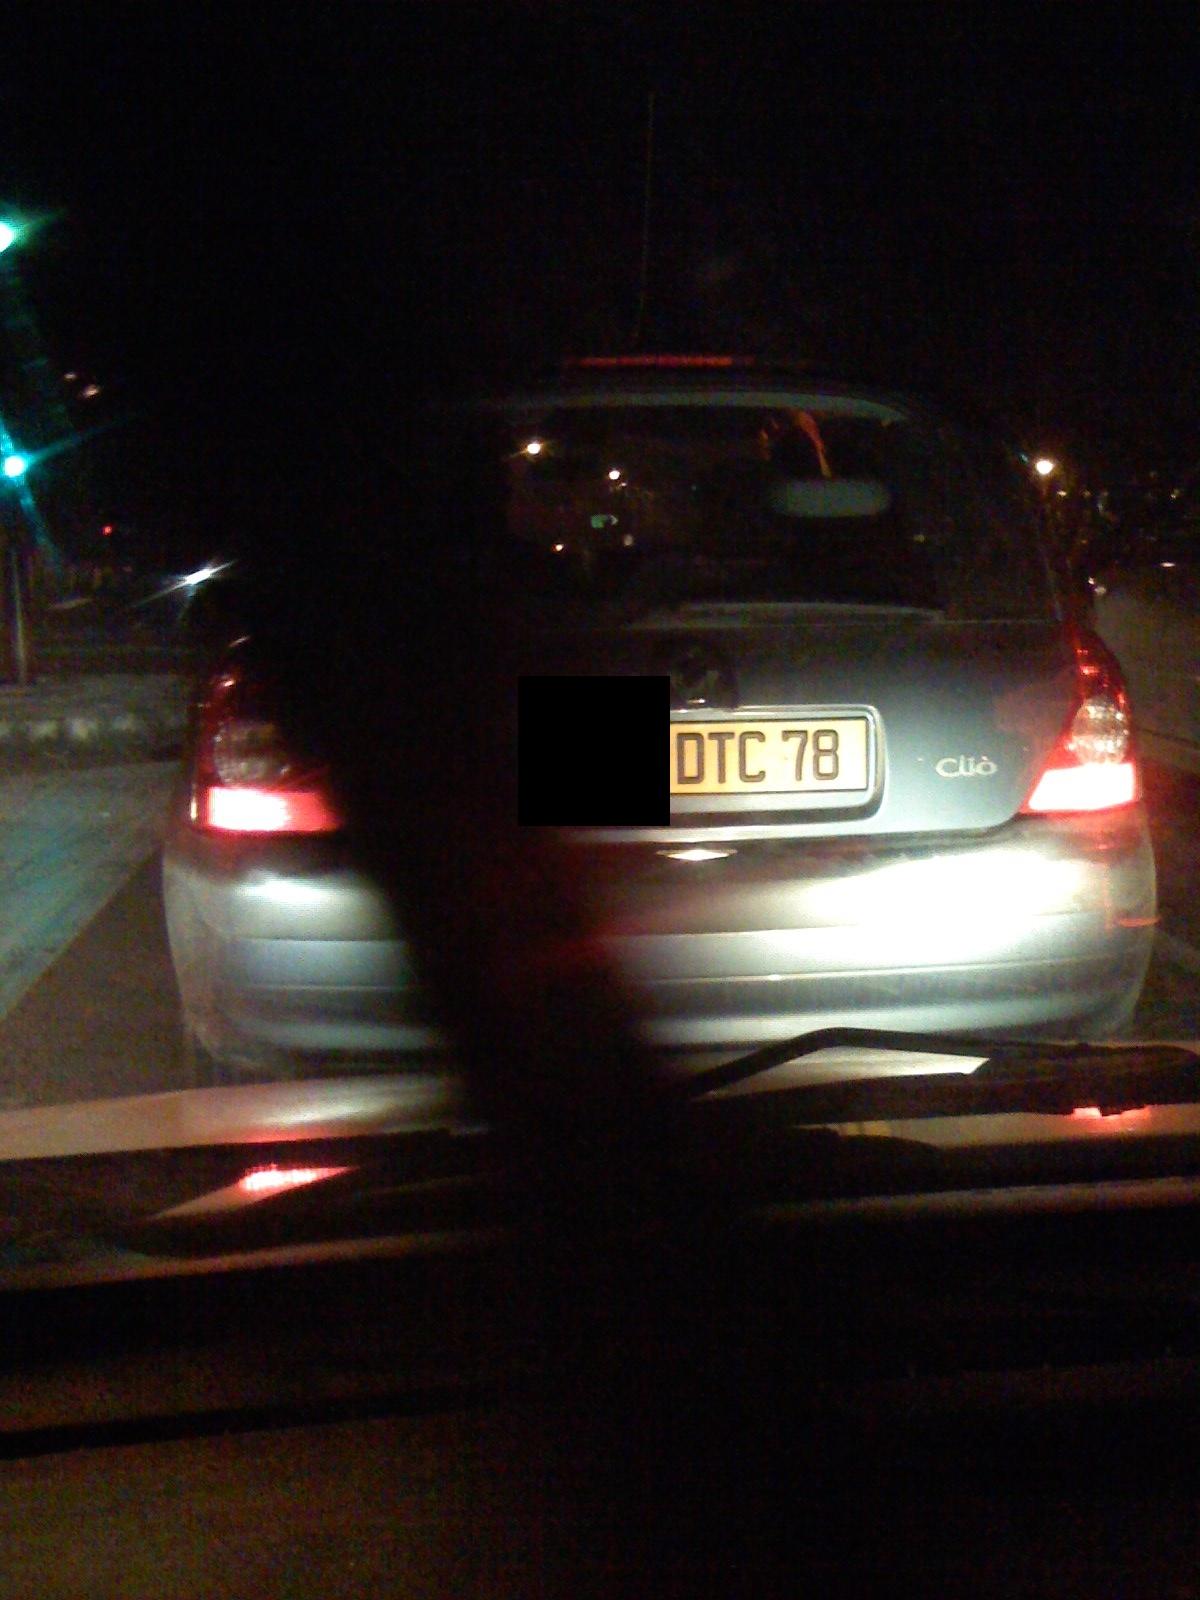 DTC 78